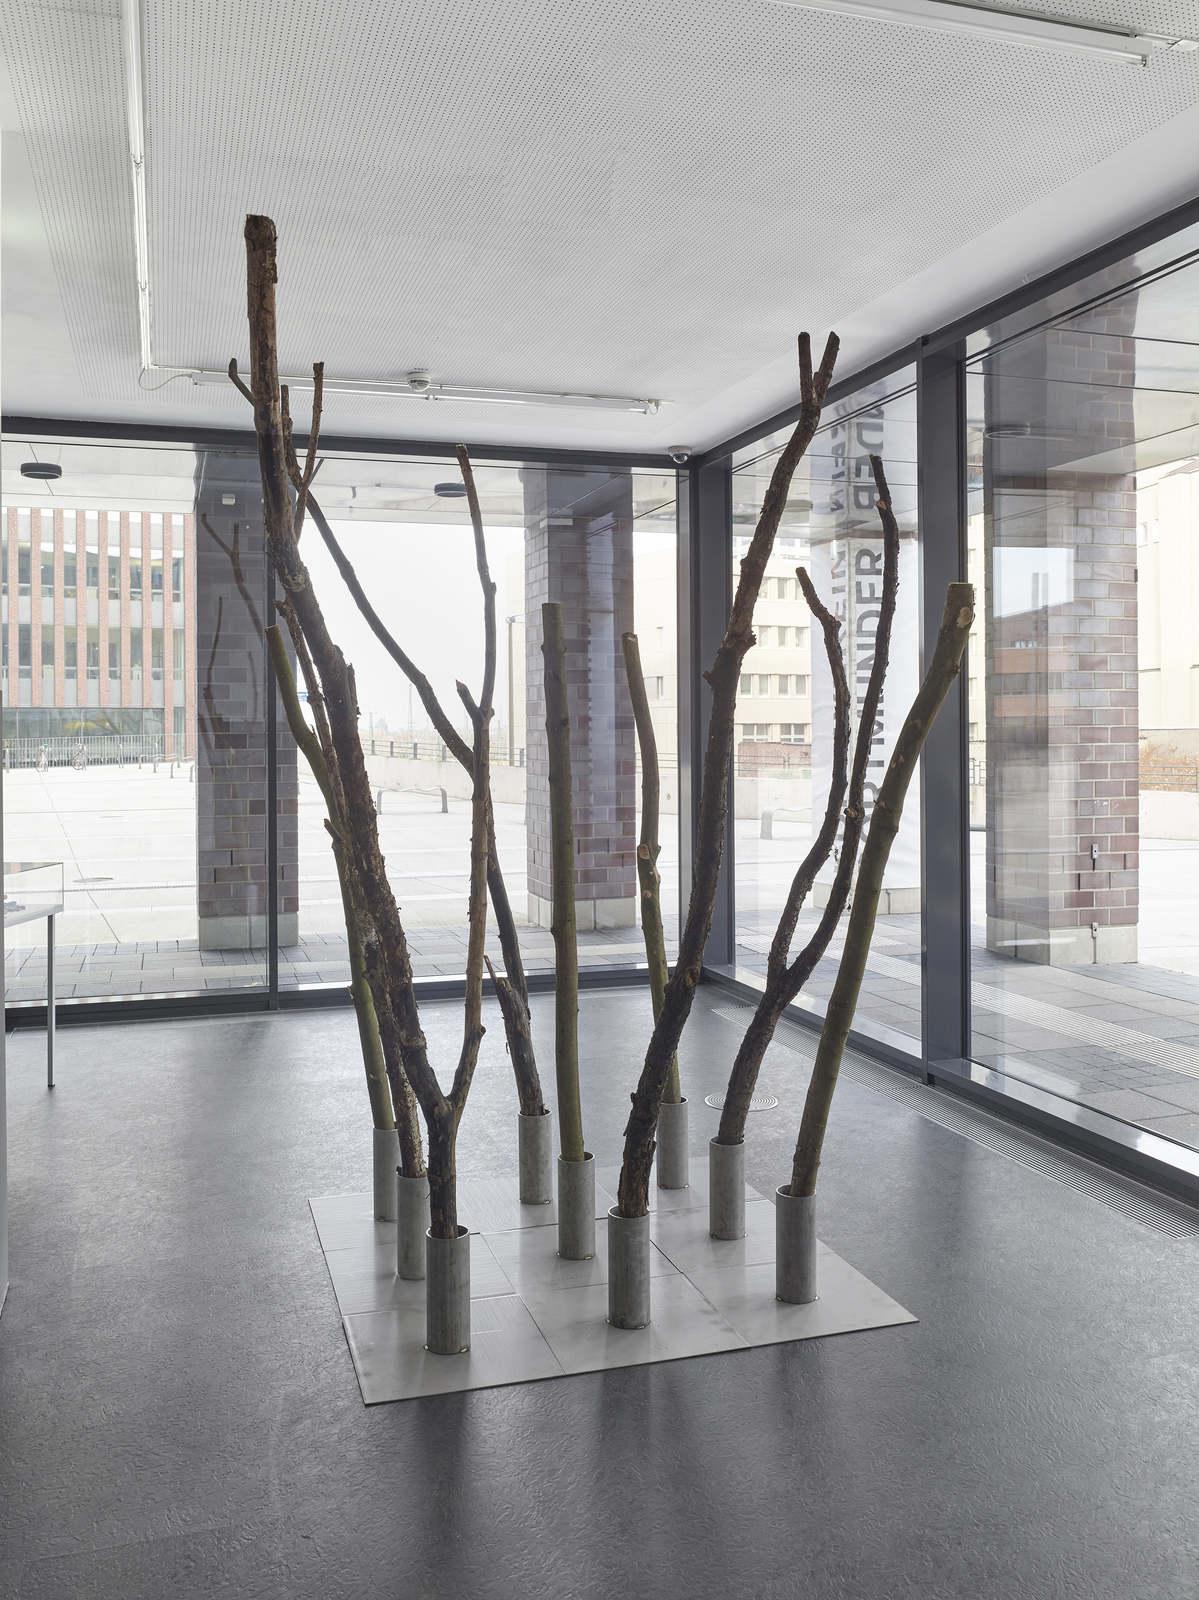 0_Shelly Nadashi NESTING BOX, Installation View_Dortmunder Kunstverein, Photo Simon Vogel